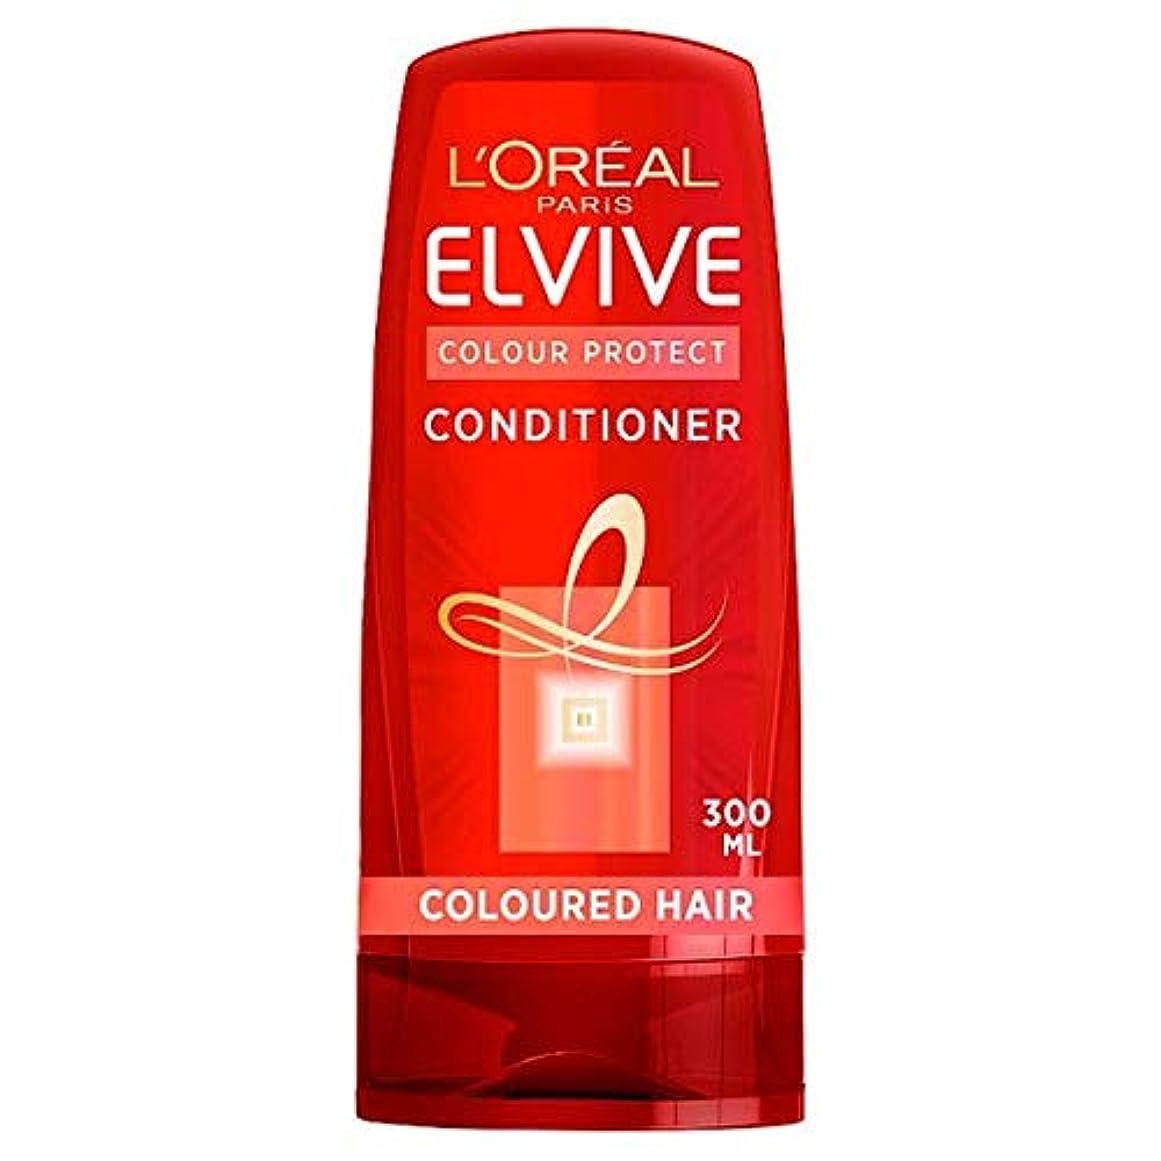 気を散らす洗う目的[Elvive] ロレアルElvive色の保護ヘアコンディショナー300ミリリットル - L'oreal Elvive Coloured Protection Hair Conditioner 300Ml [並行輸入品]